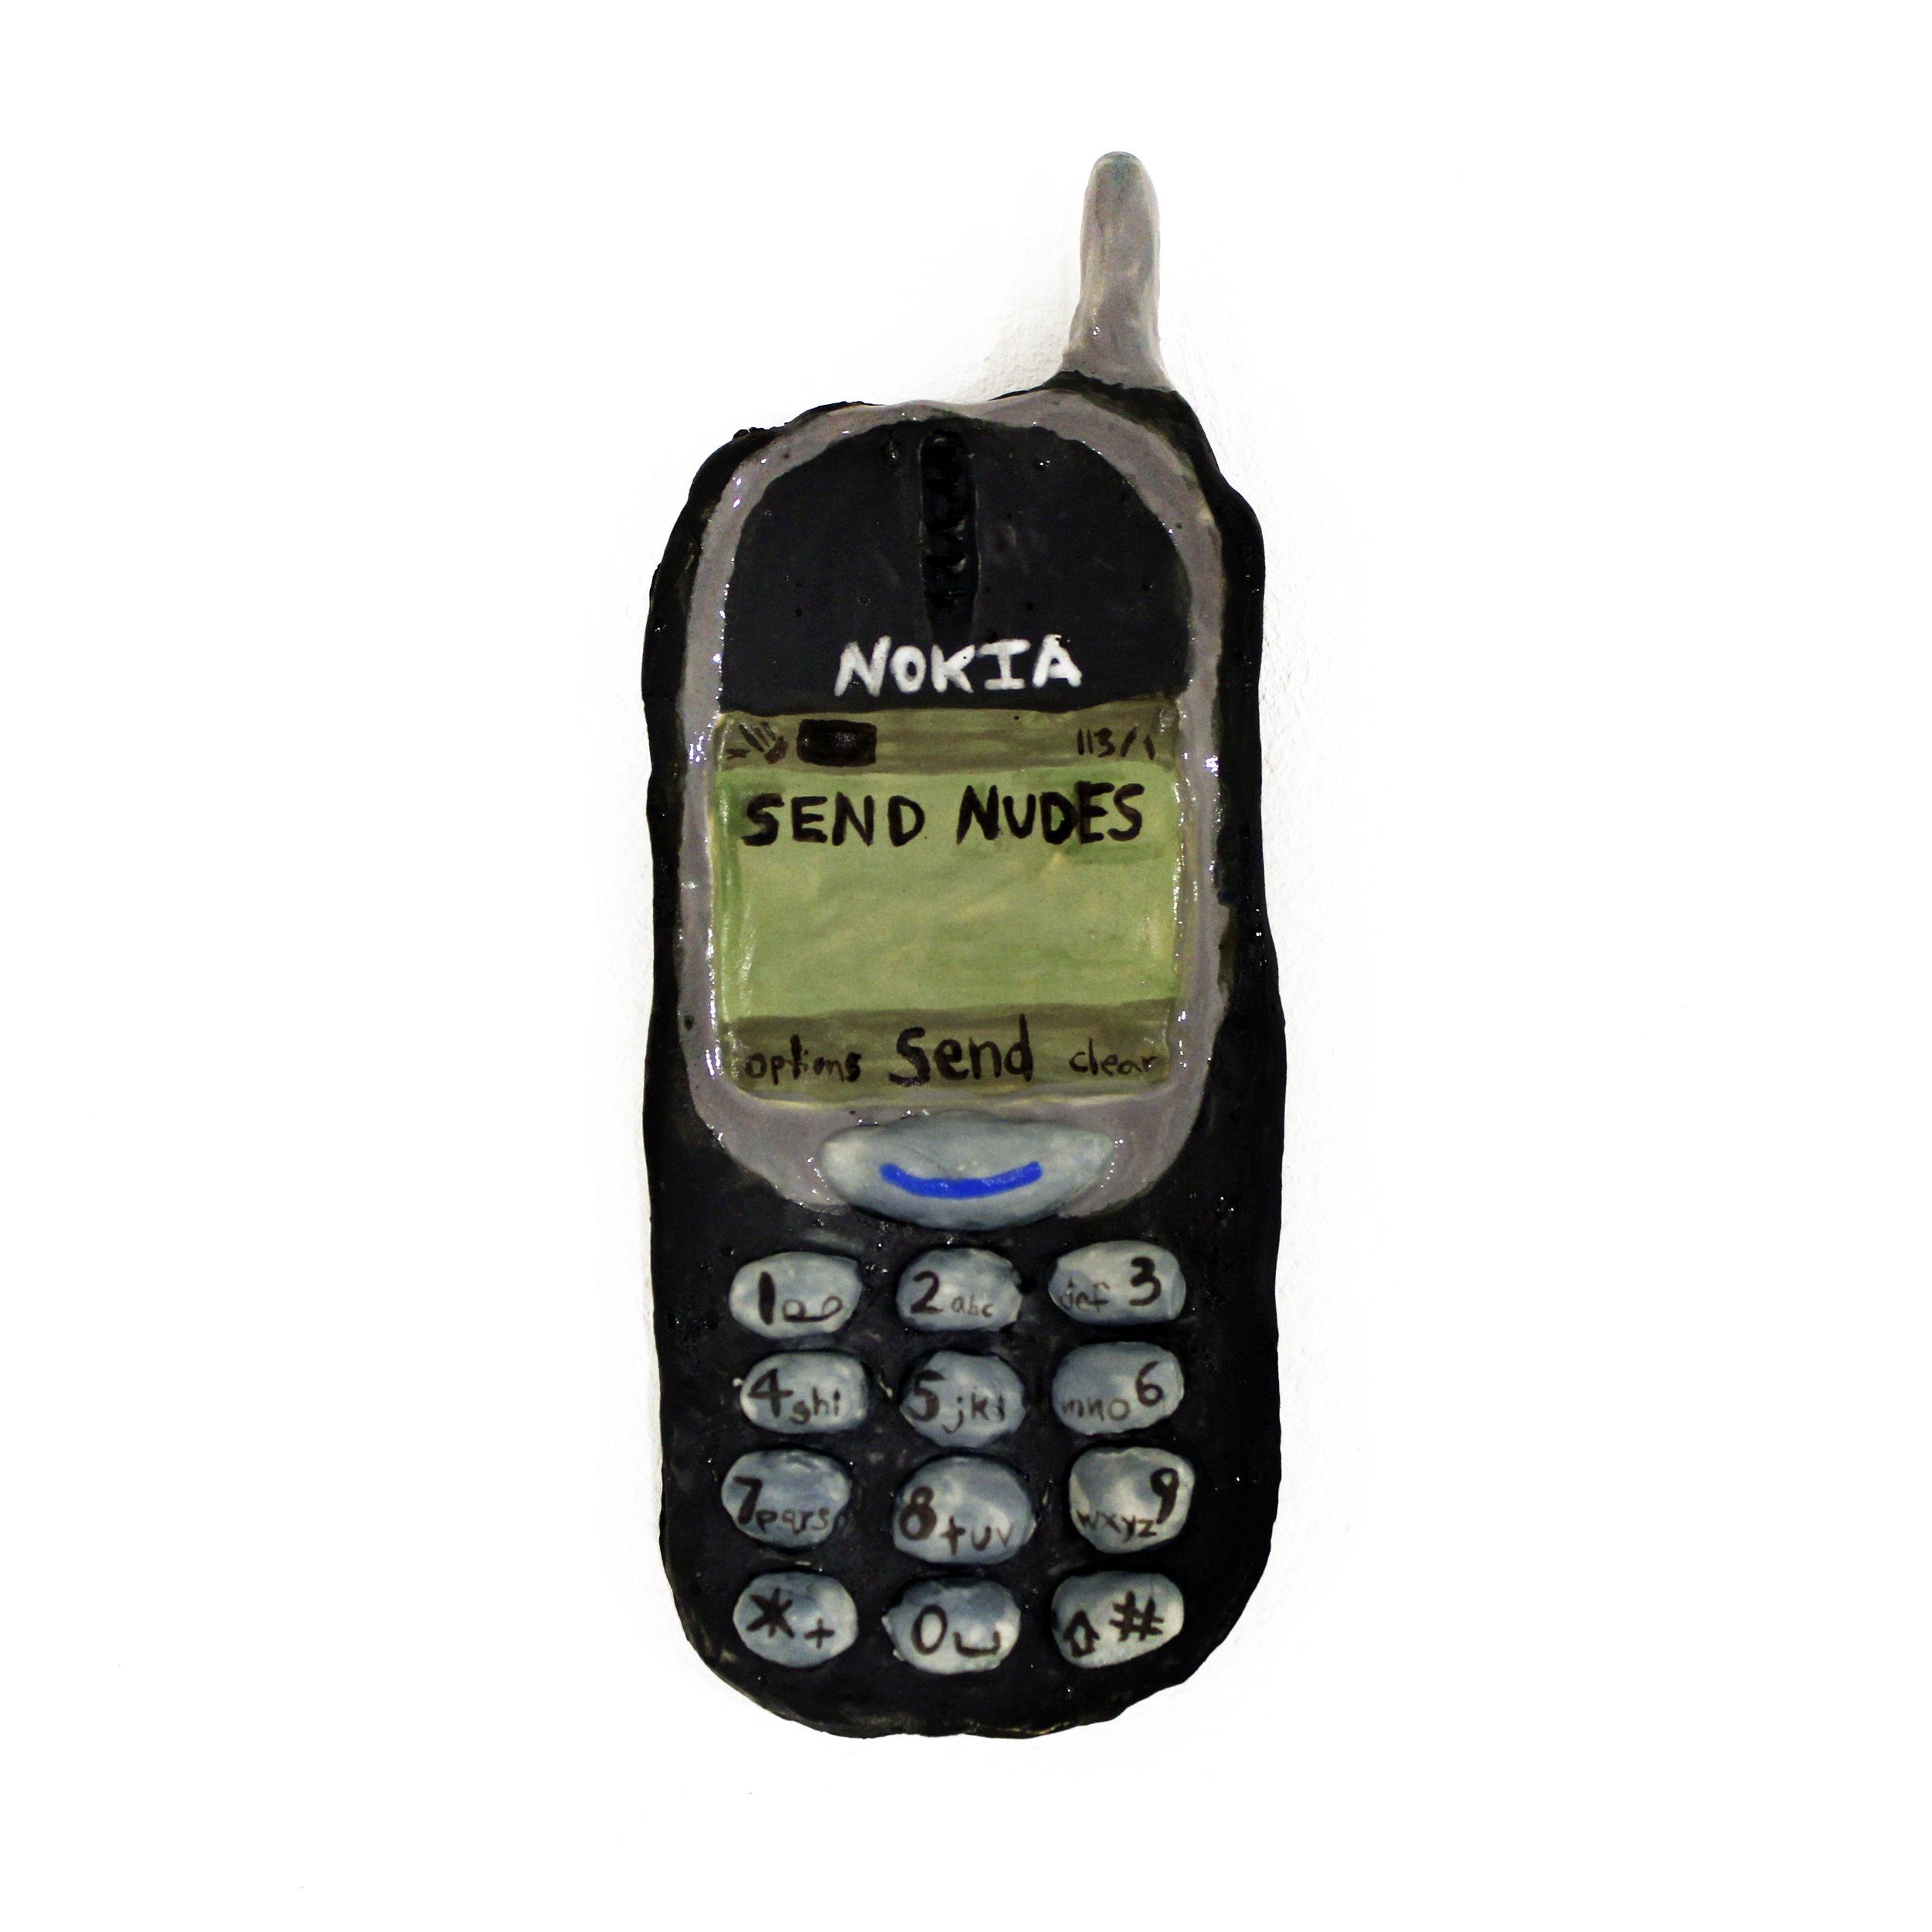 SEND NUDES (on a Nokia)